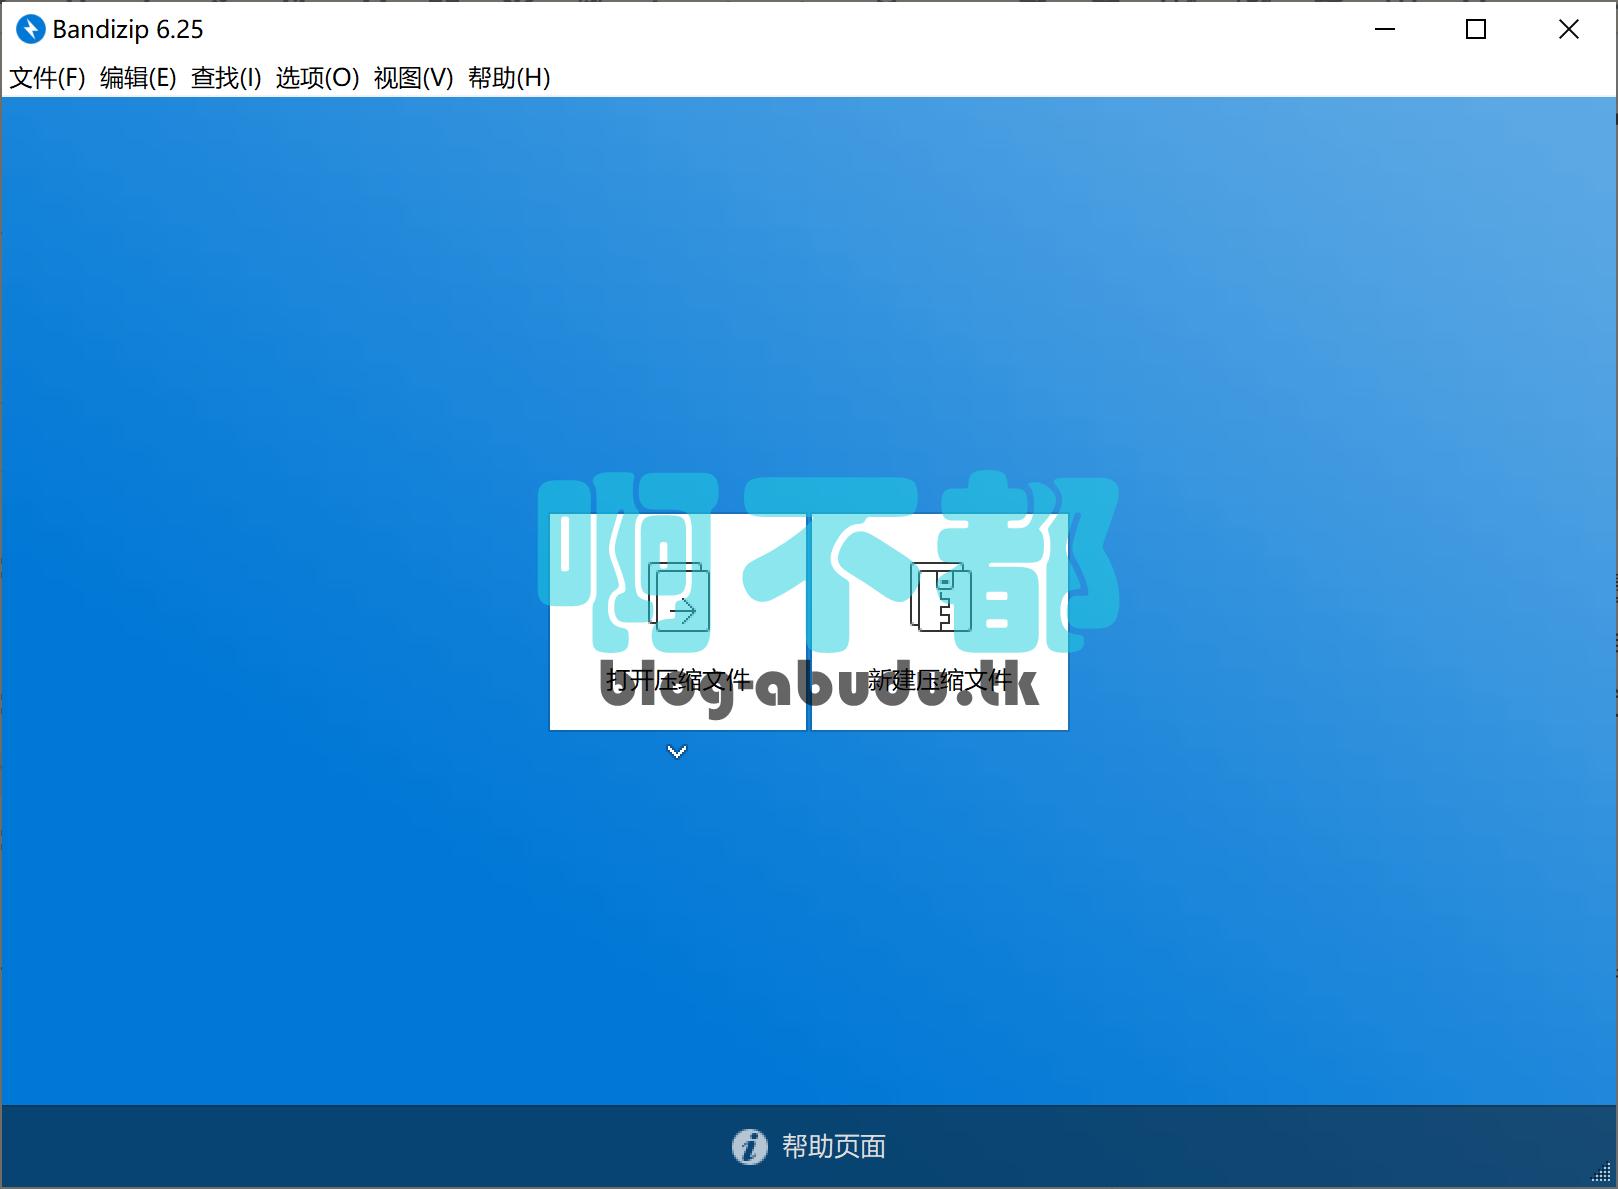 免费无广告的压缩软件 Bandizip插图